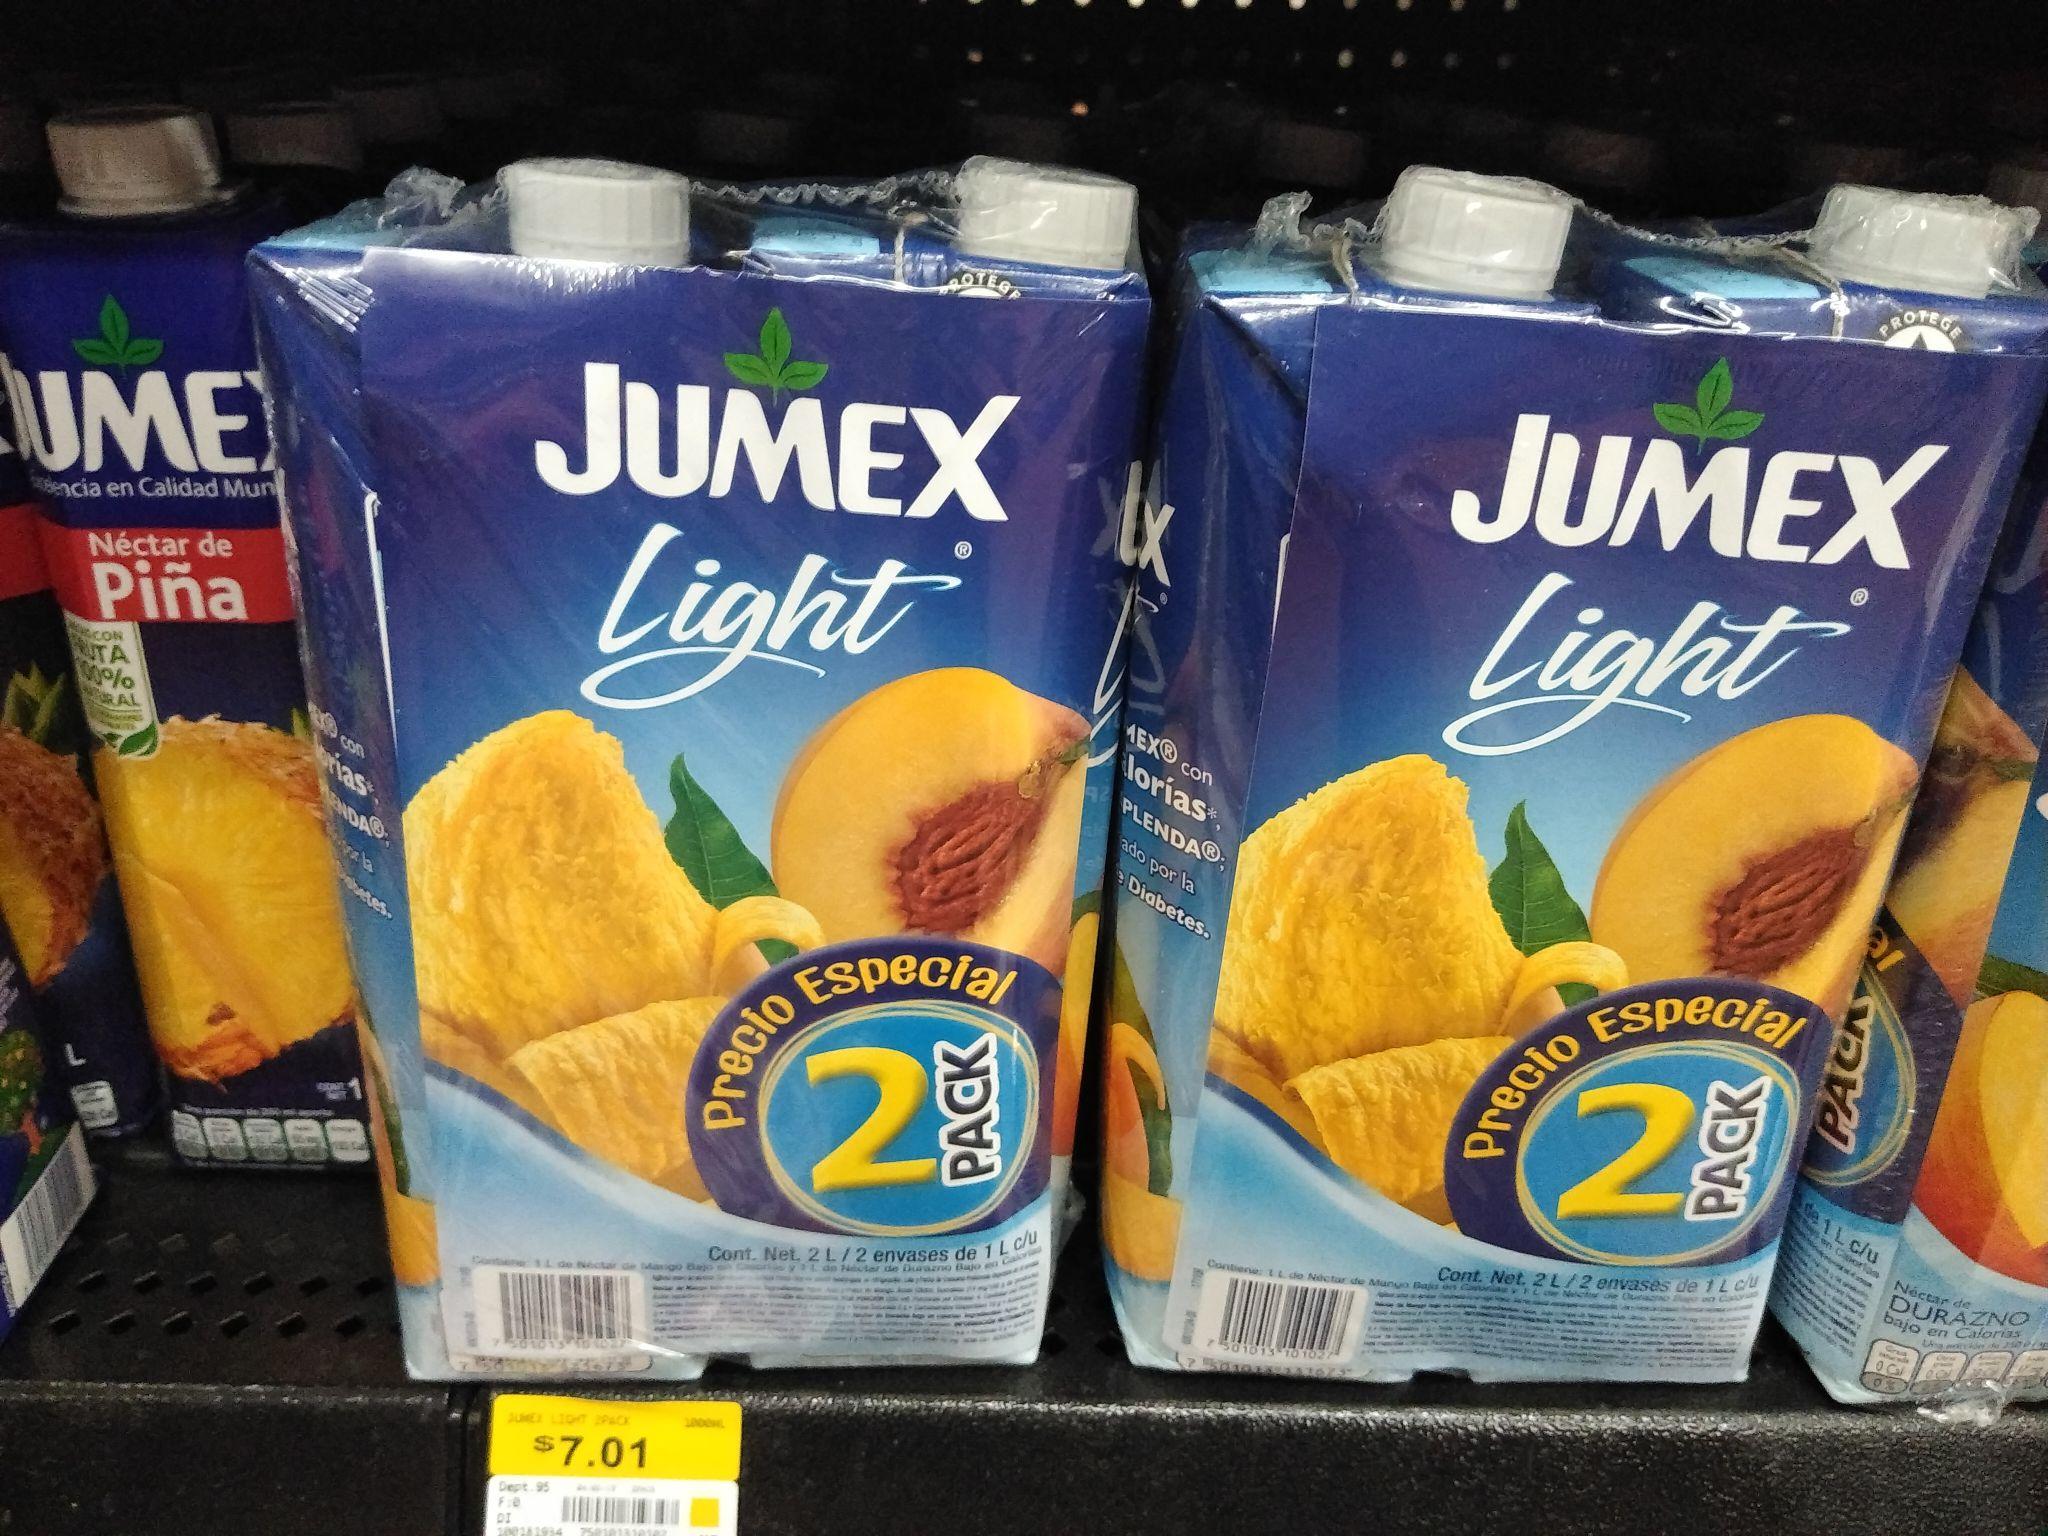 Walmart Río de los Remedios: Pack de 2 Jumex de $49.90 a solo $7.01